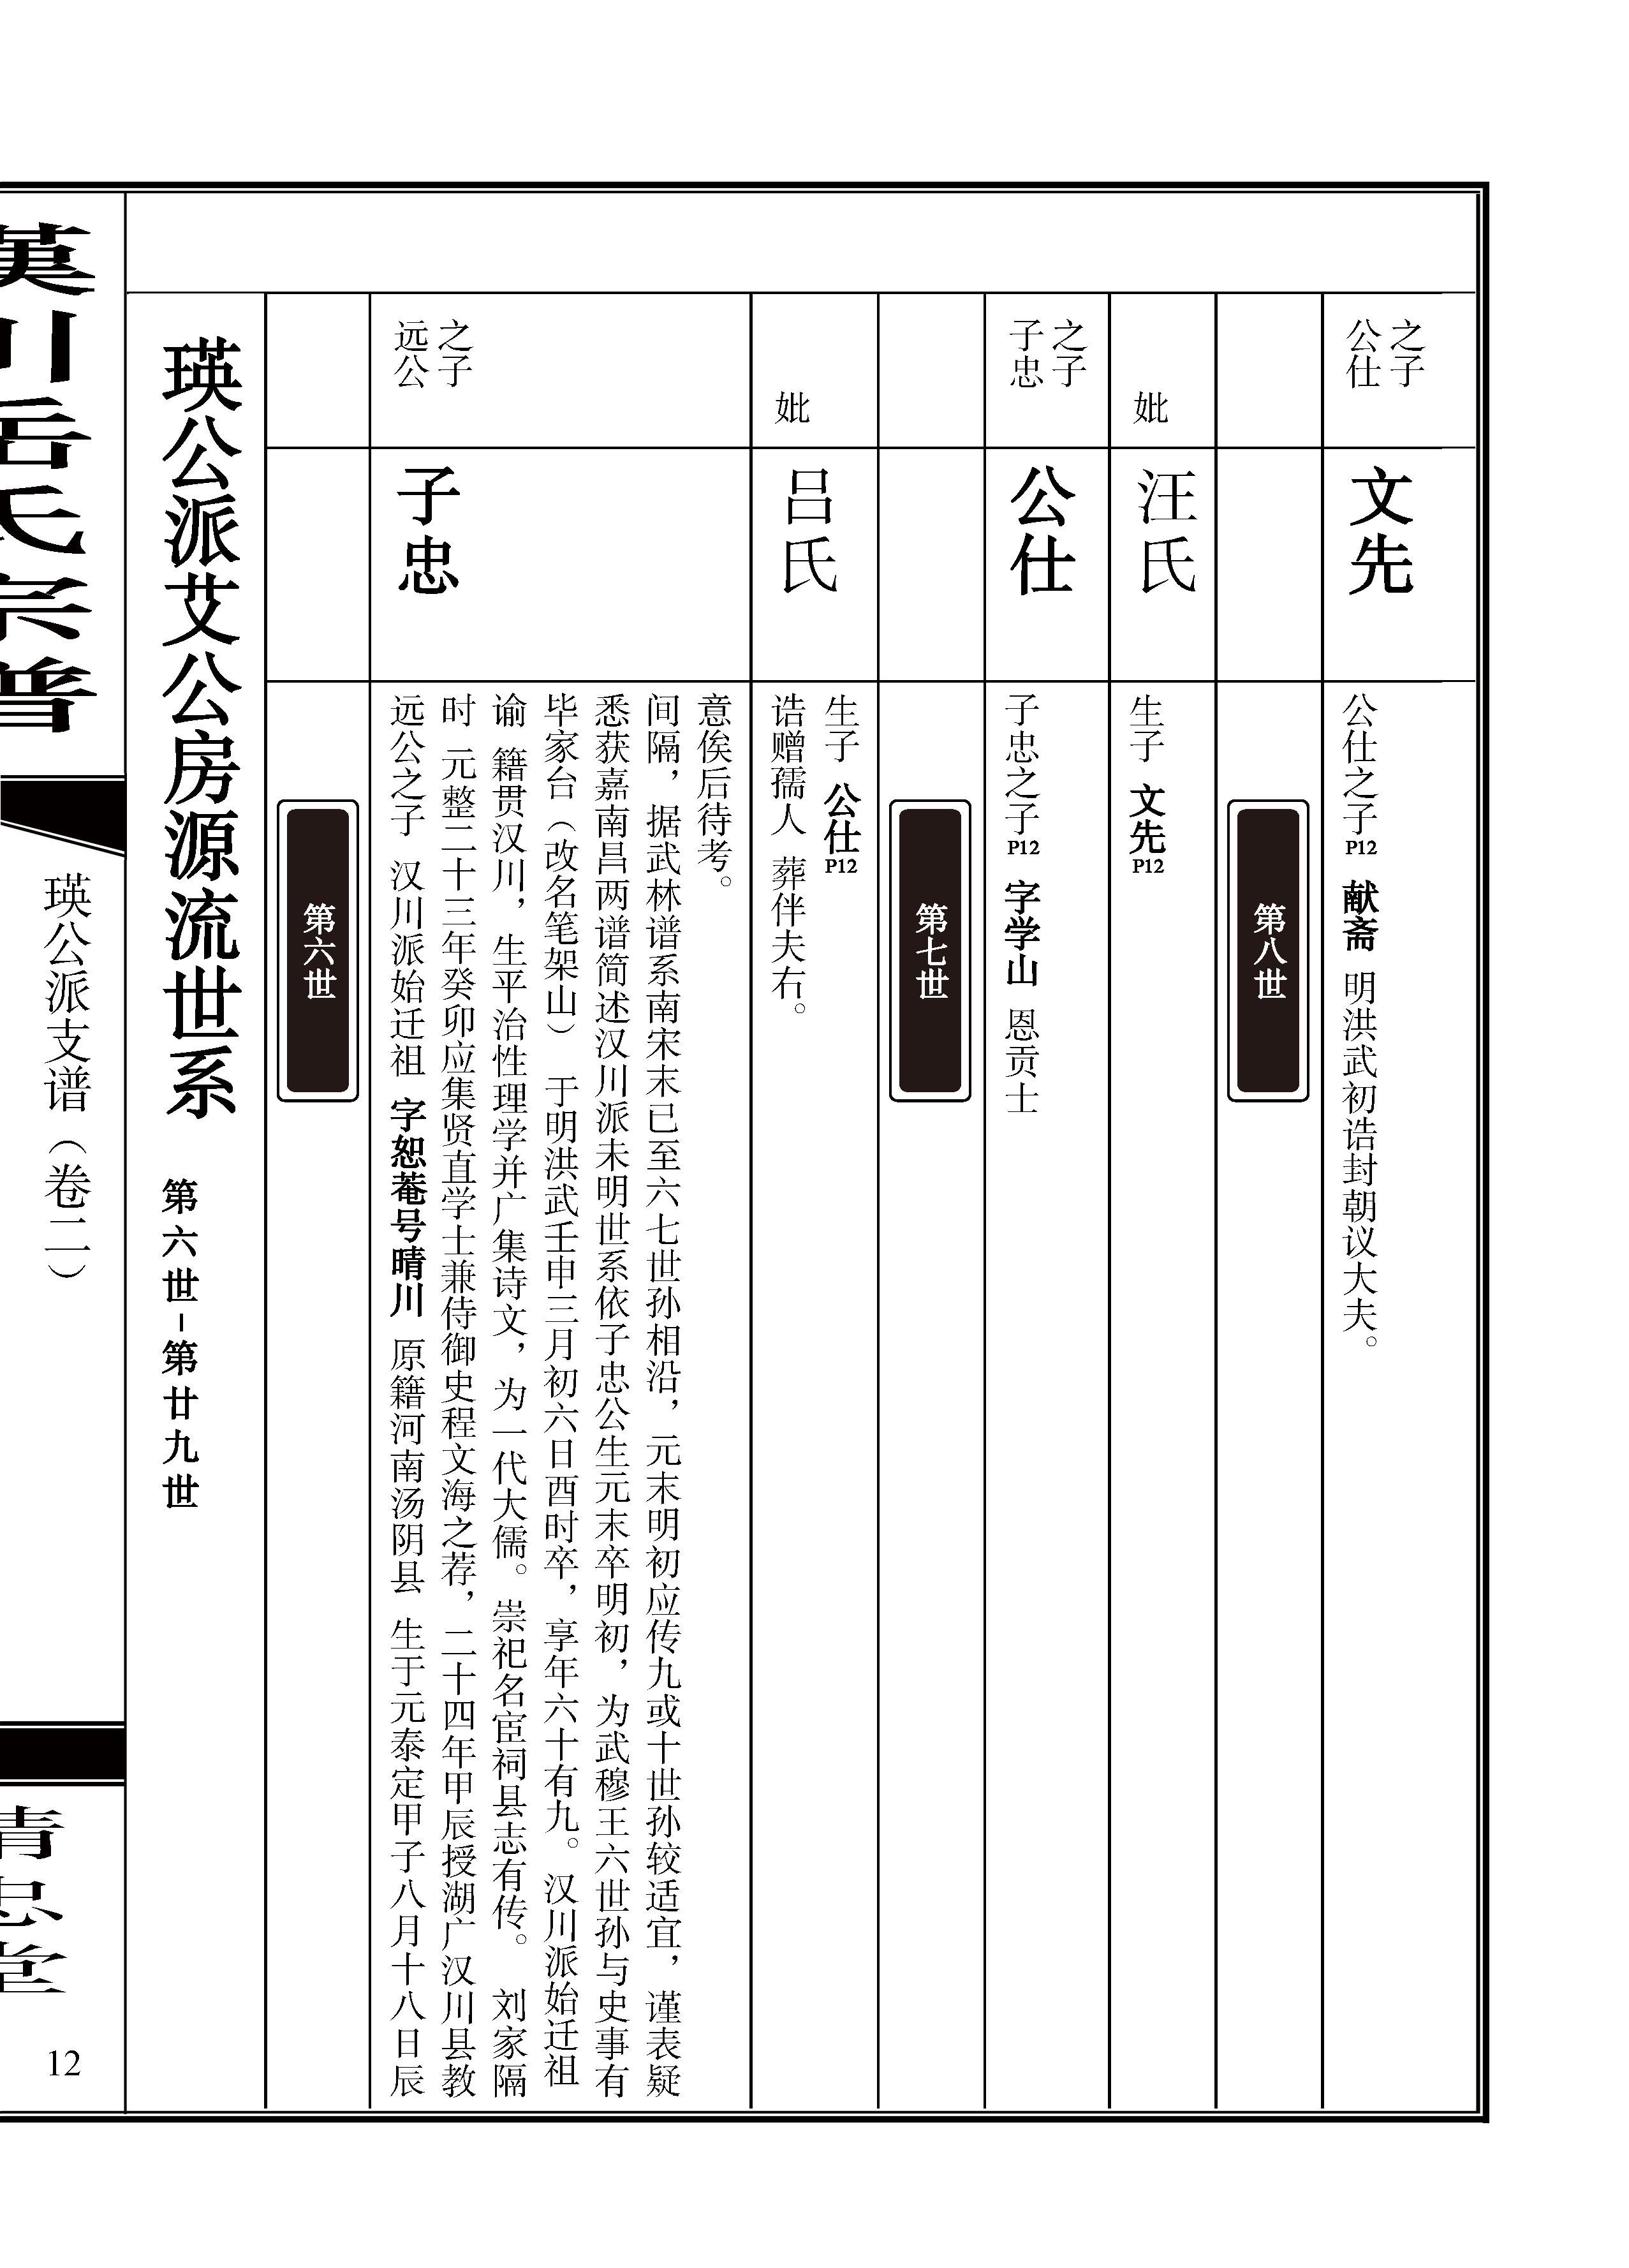 页面提取自-06仿古标准苏式_页面_4